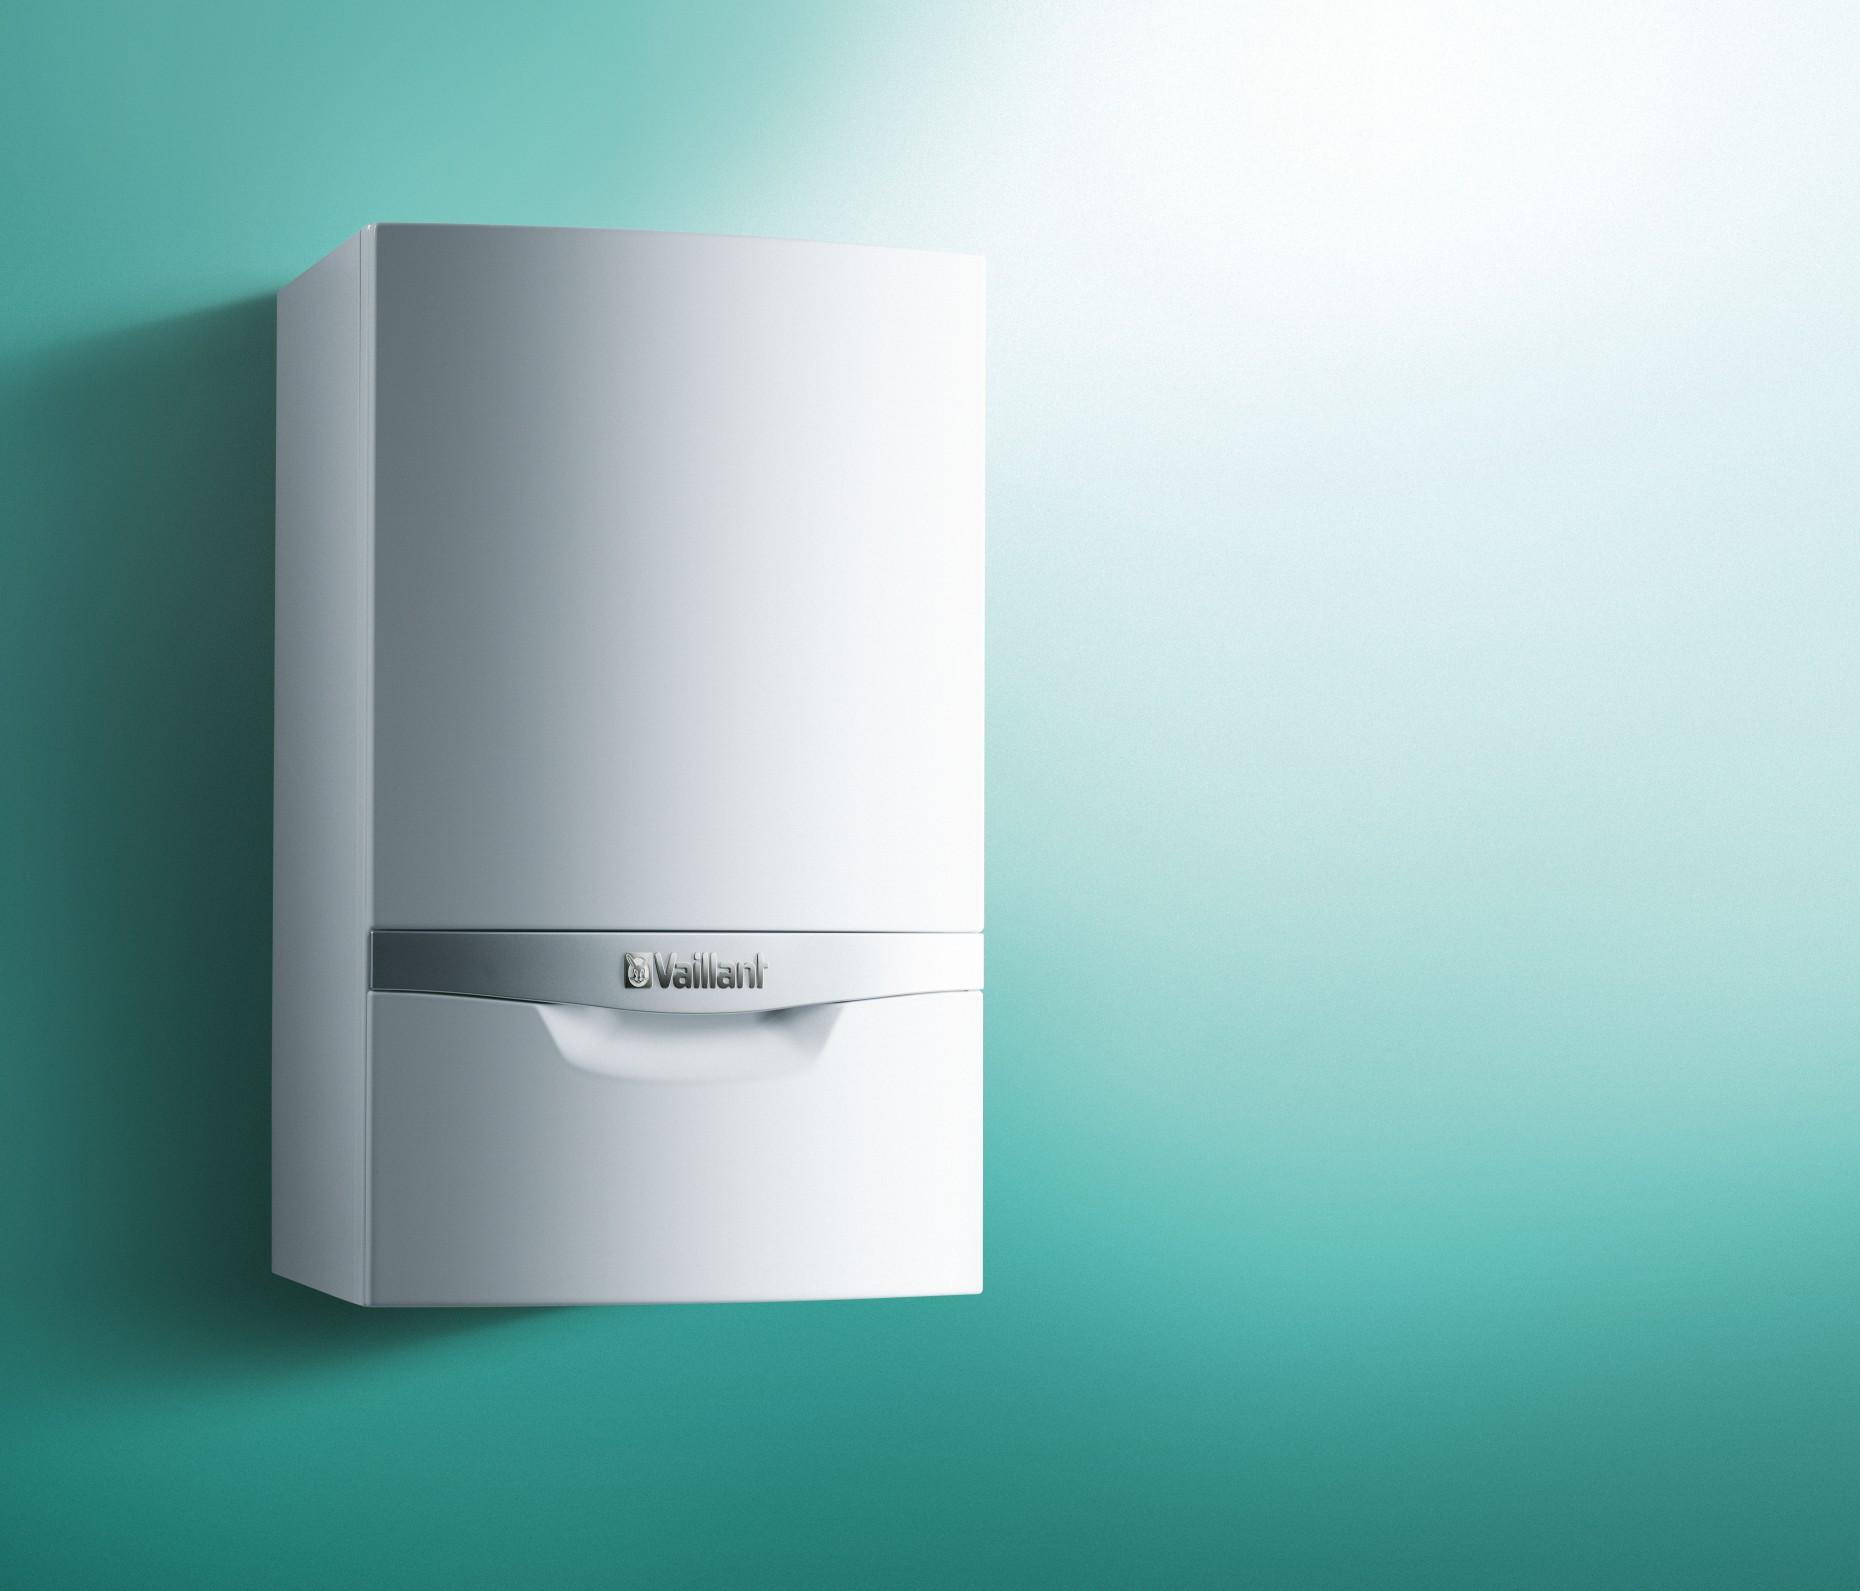 Vaillant EcoTec Plus 832 Combination Boiler Only